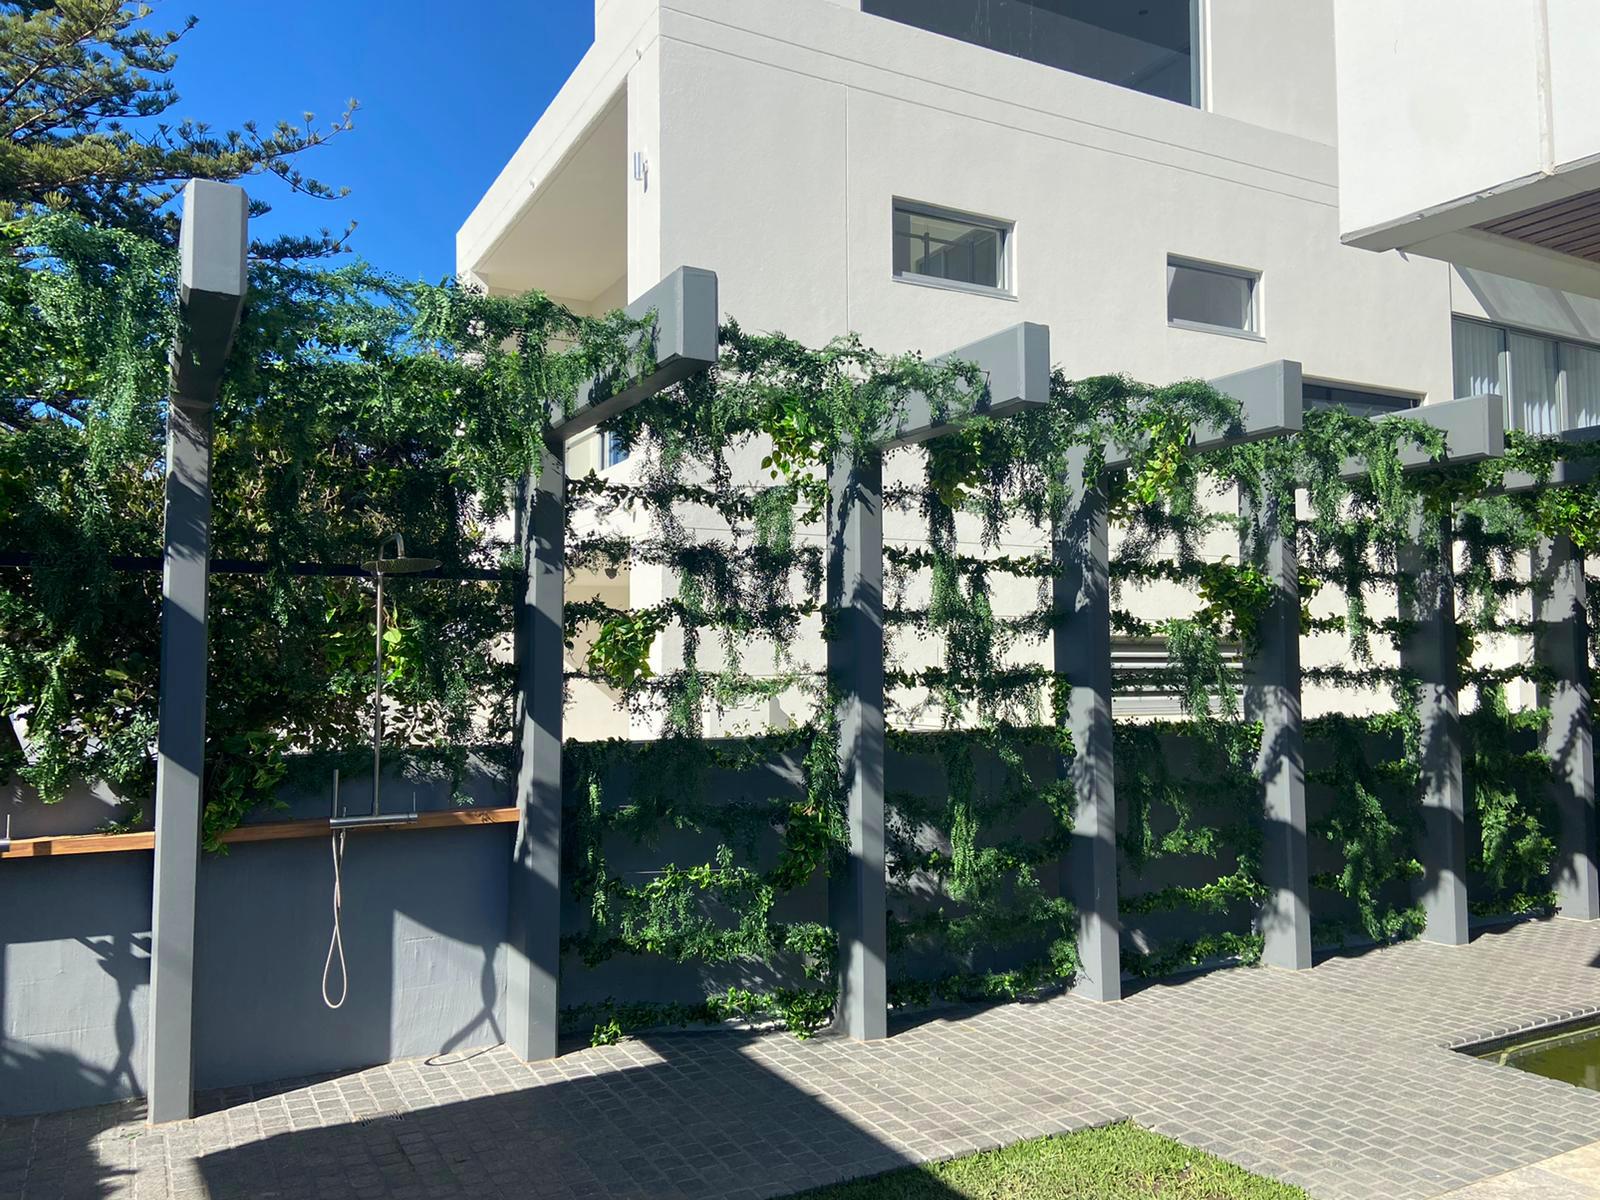 Vine Cable Wall Arrangement 02